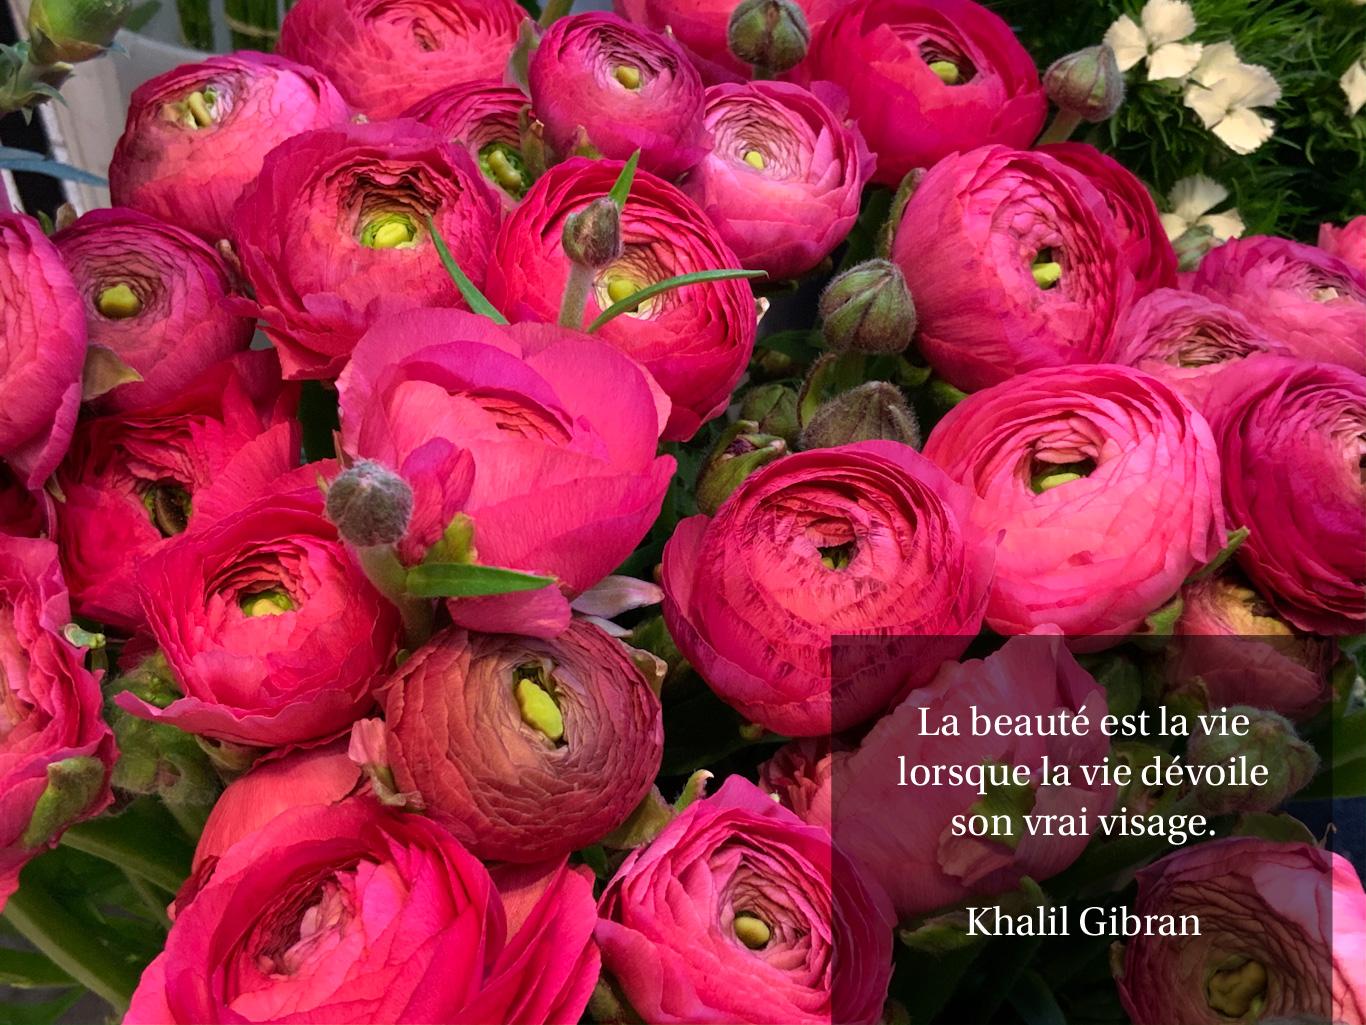 Citation sur la beauté de Khalil Gibran sur un fond de fleurs fuchsia